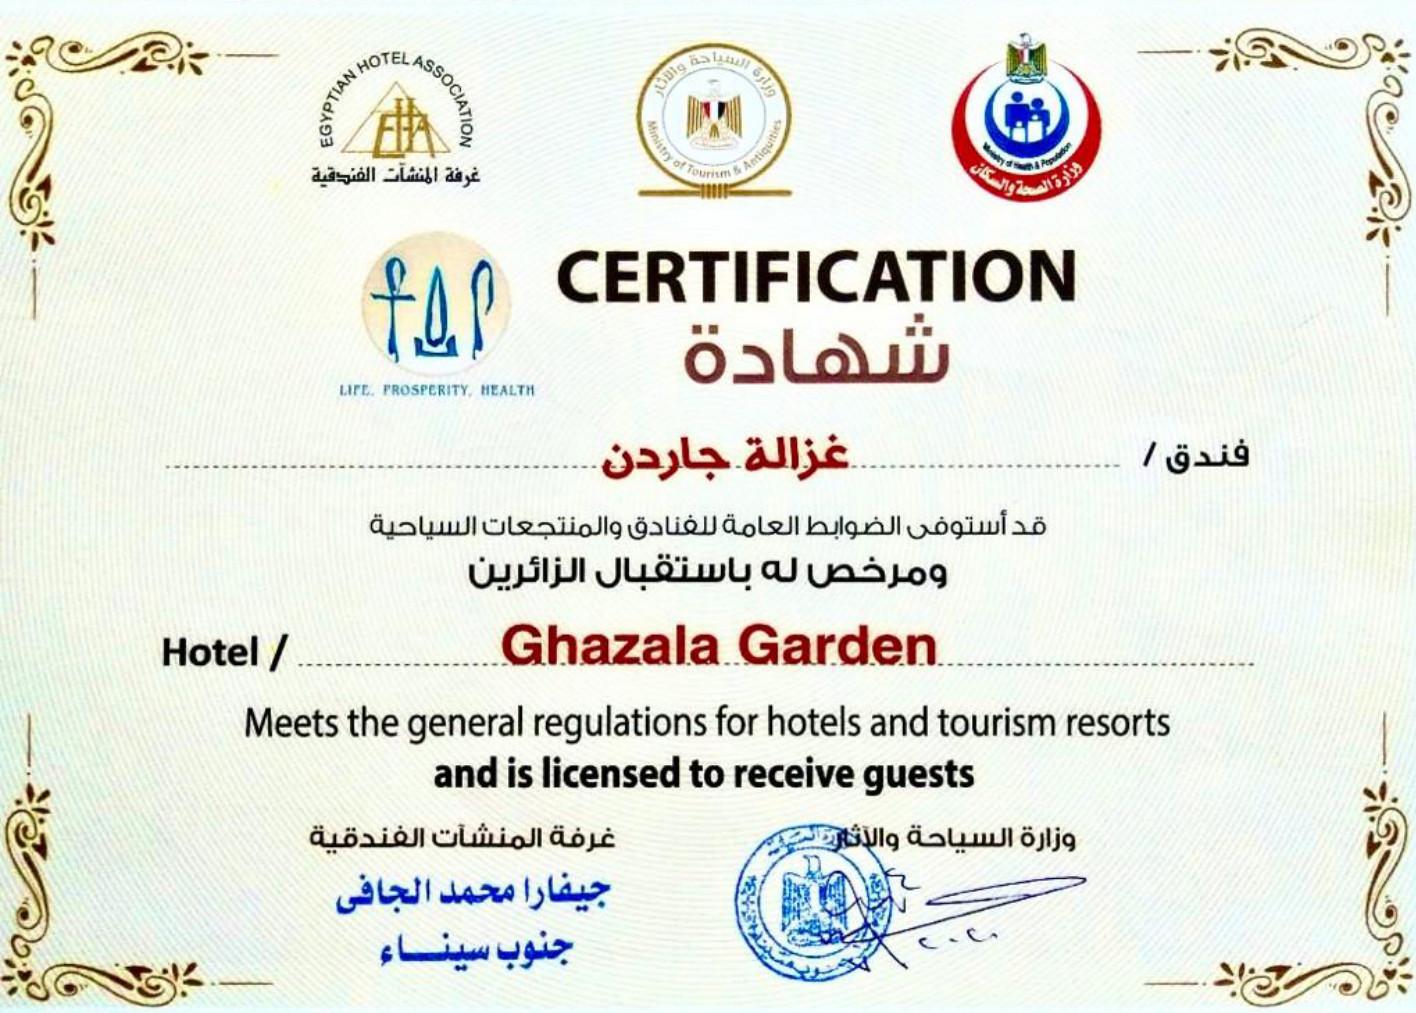 Sicherheitszertifikat vom Ghazala Gardens in Sharm El Sheikh